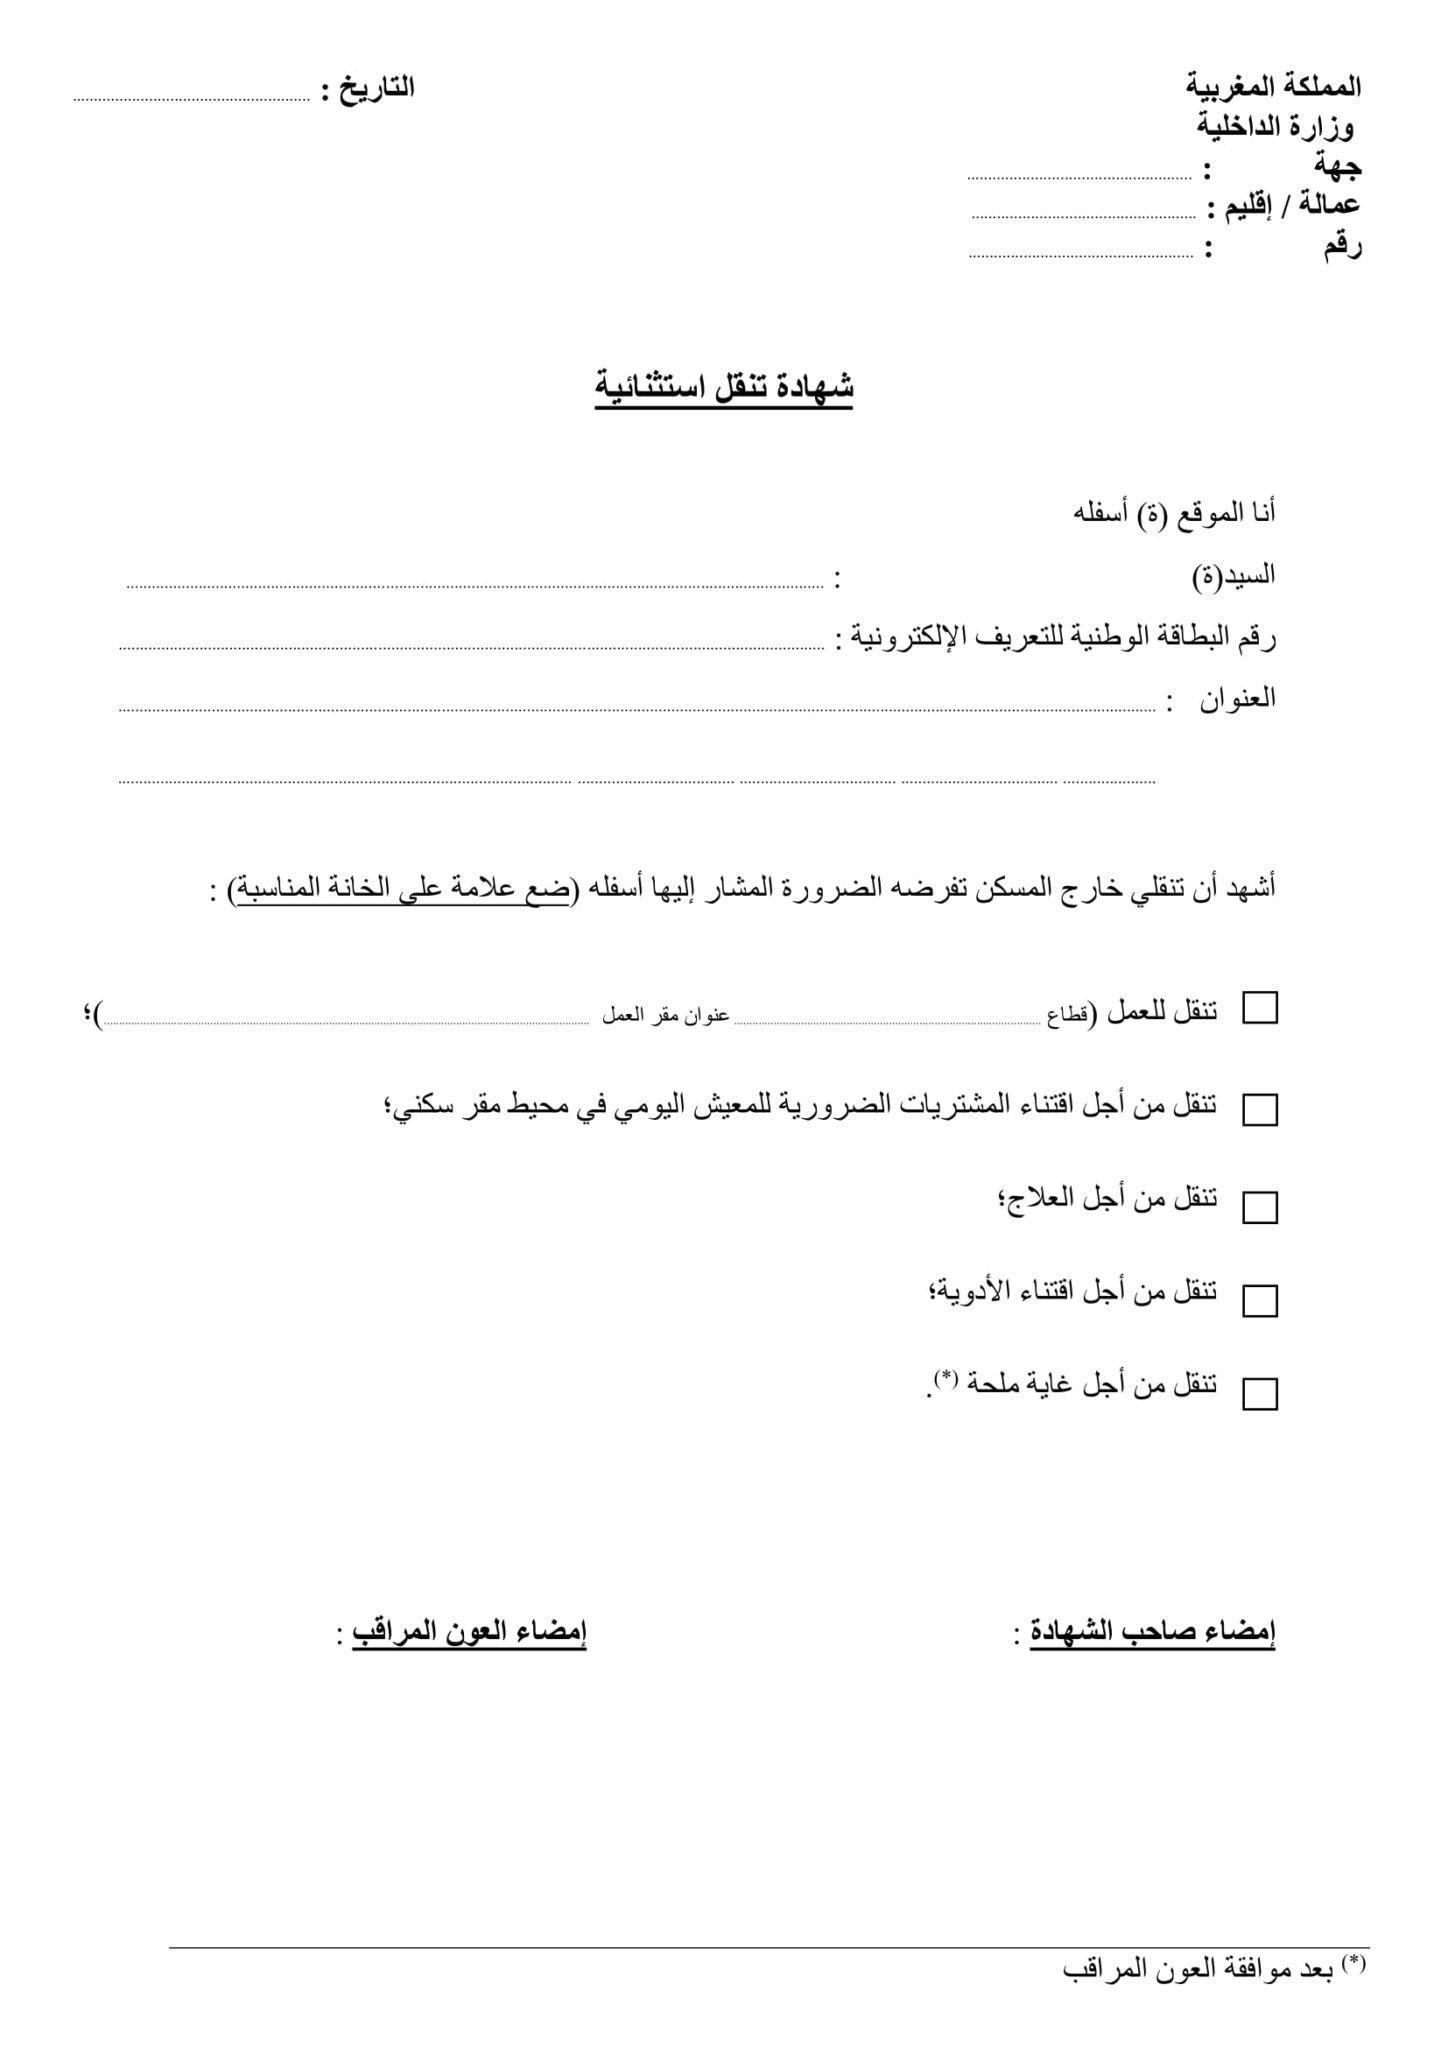 attestation de déplacement dérogatoire officielle covid 19